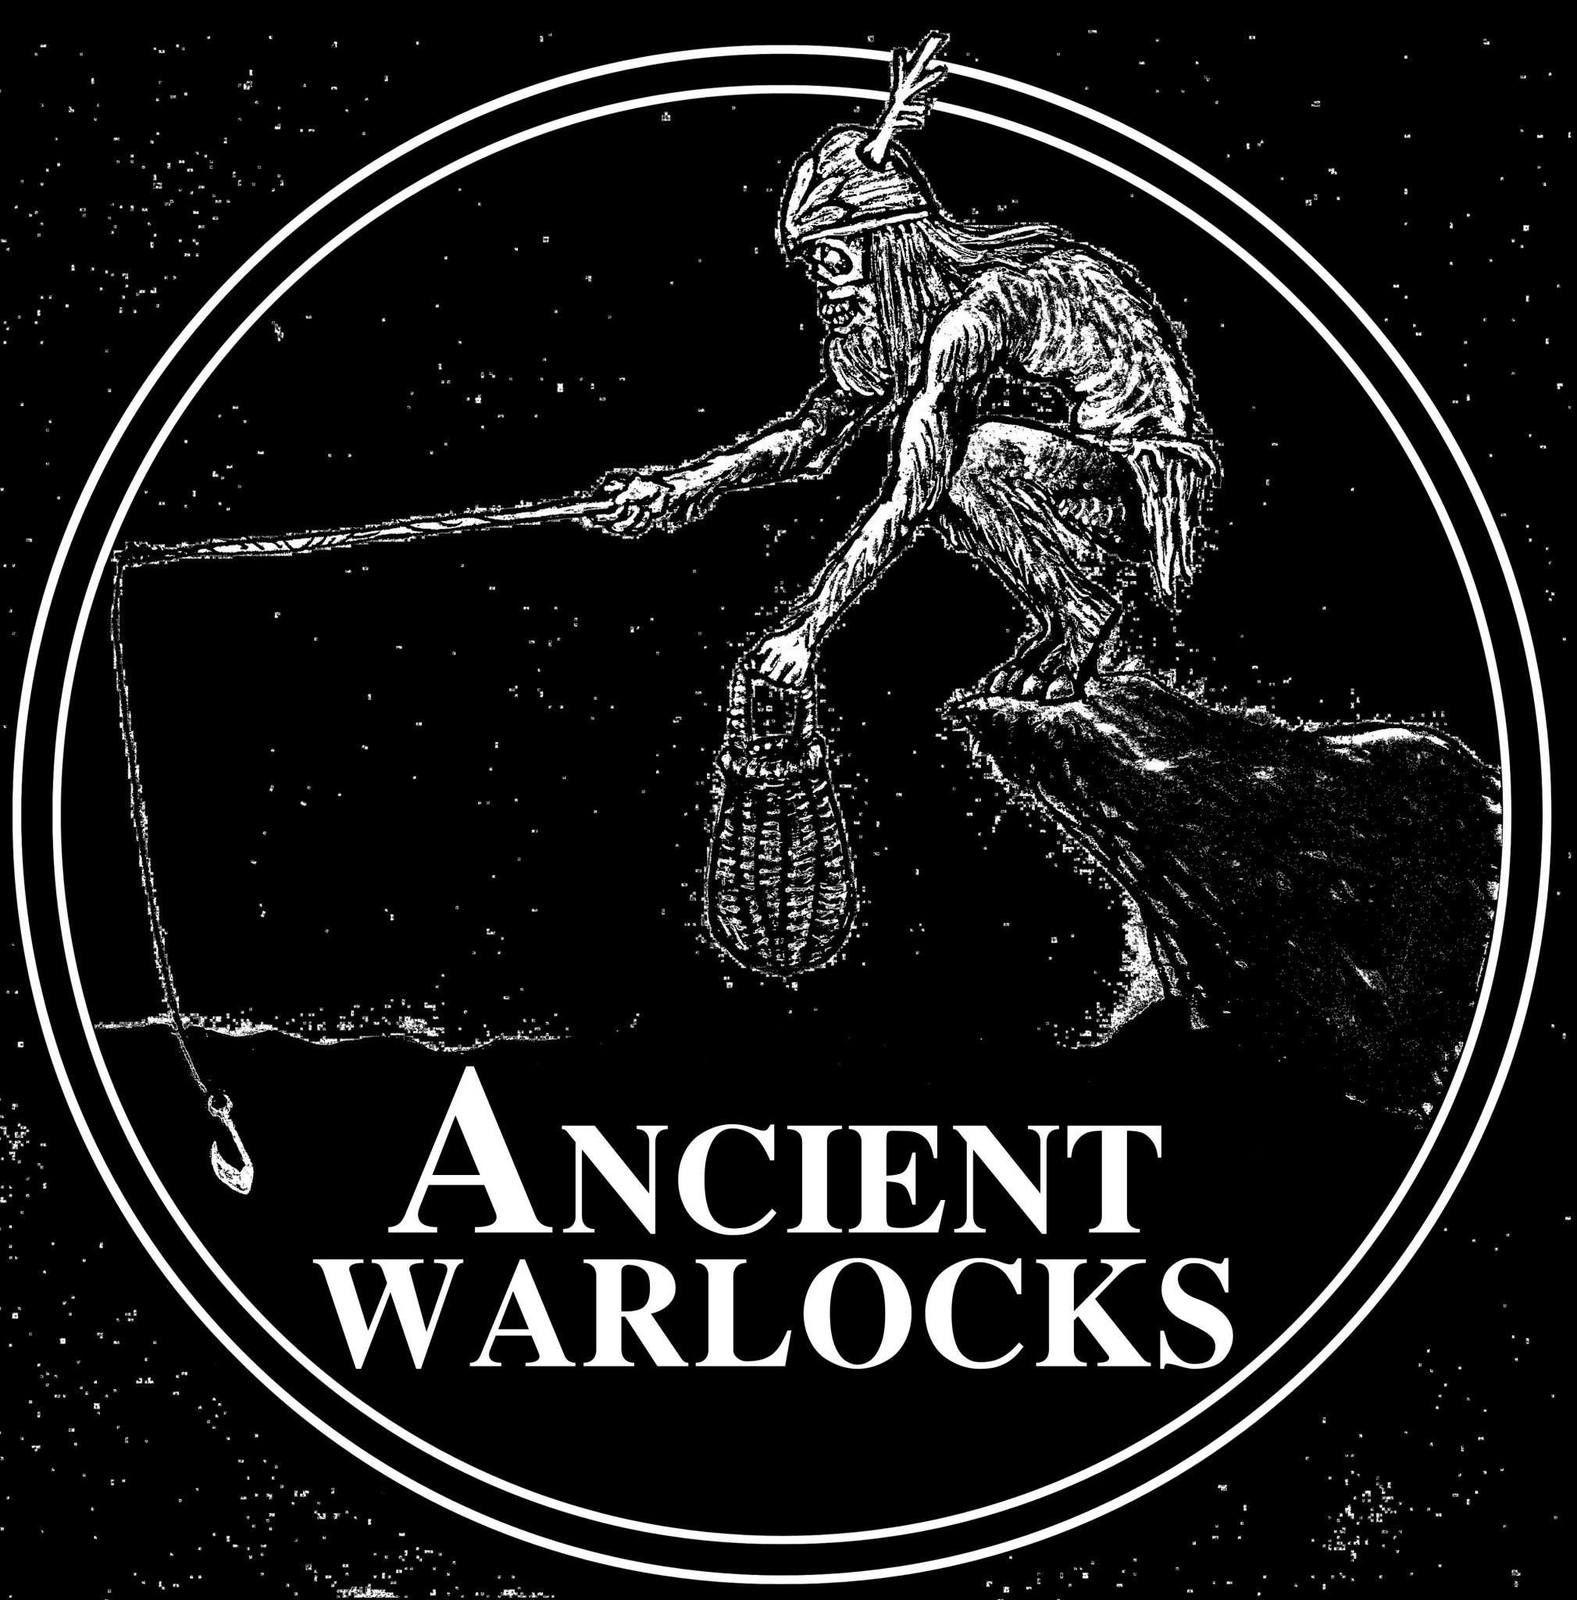 ANCIENT WARLOCKS - Ancient Warlocks (2013)